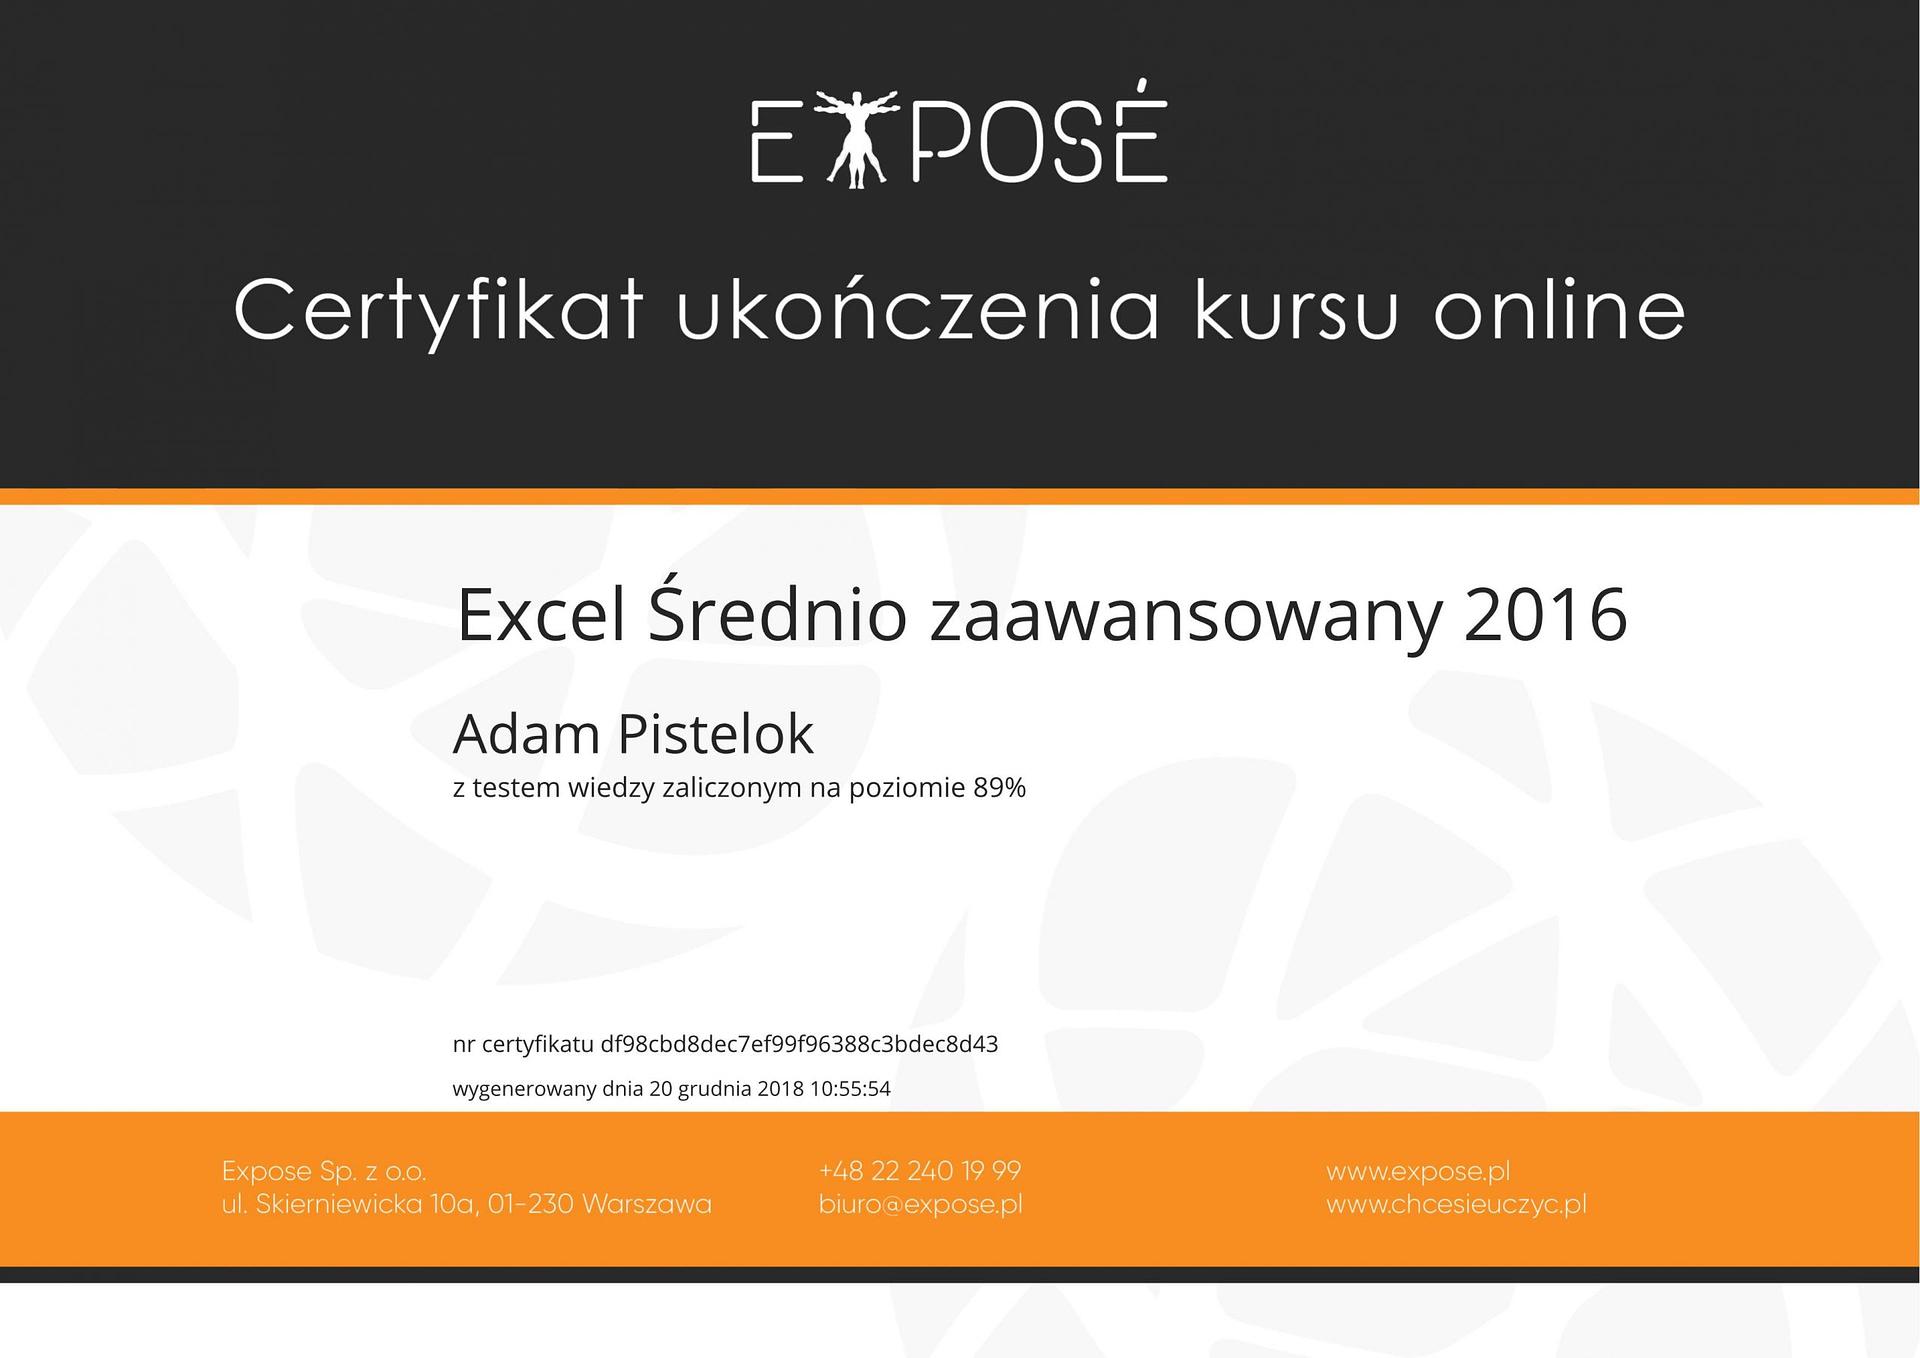 Excel sredniozaawansowany 2016